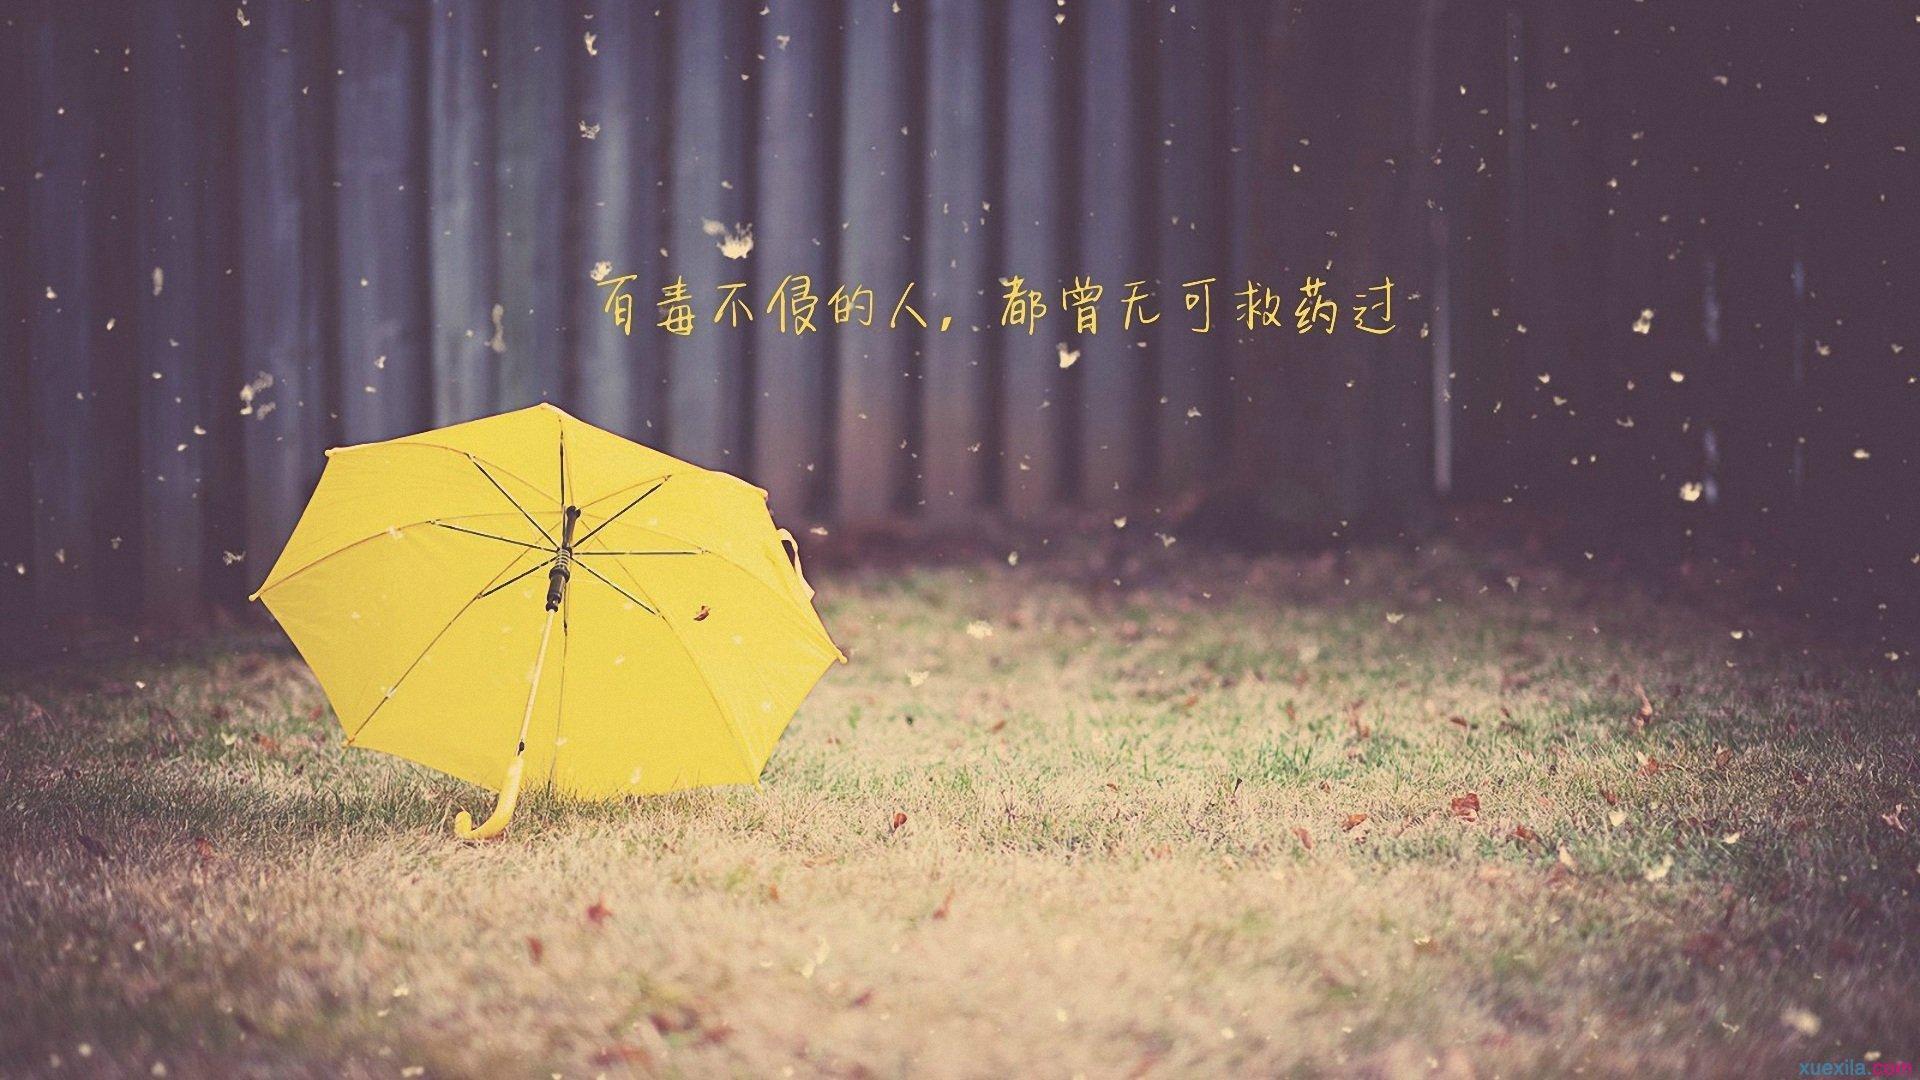 我们生在这风雨飘摇的浮沉乱世,什么都不能永久